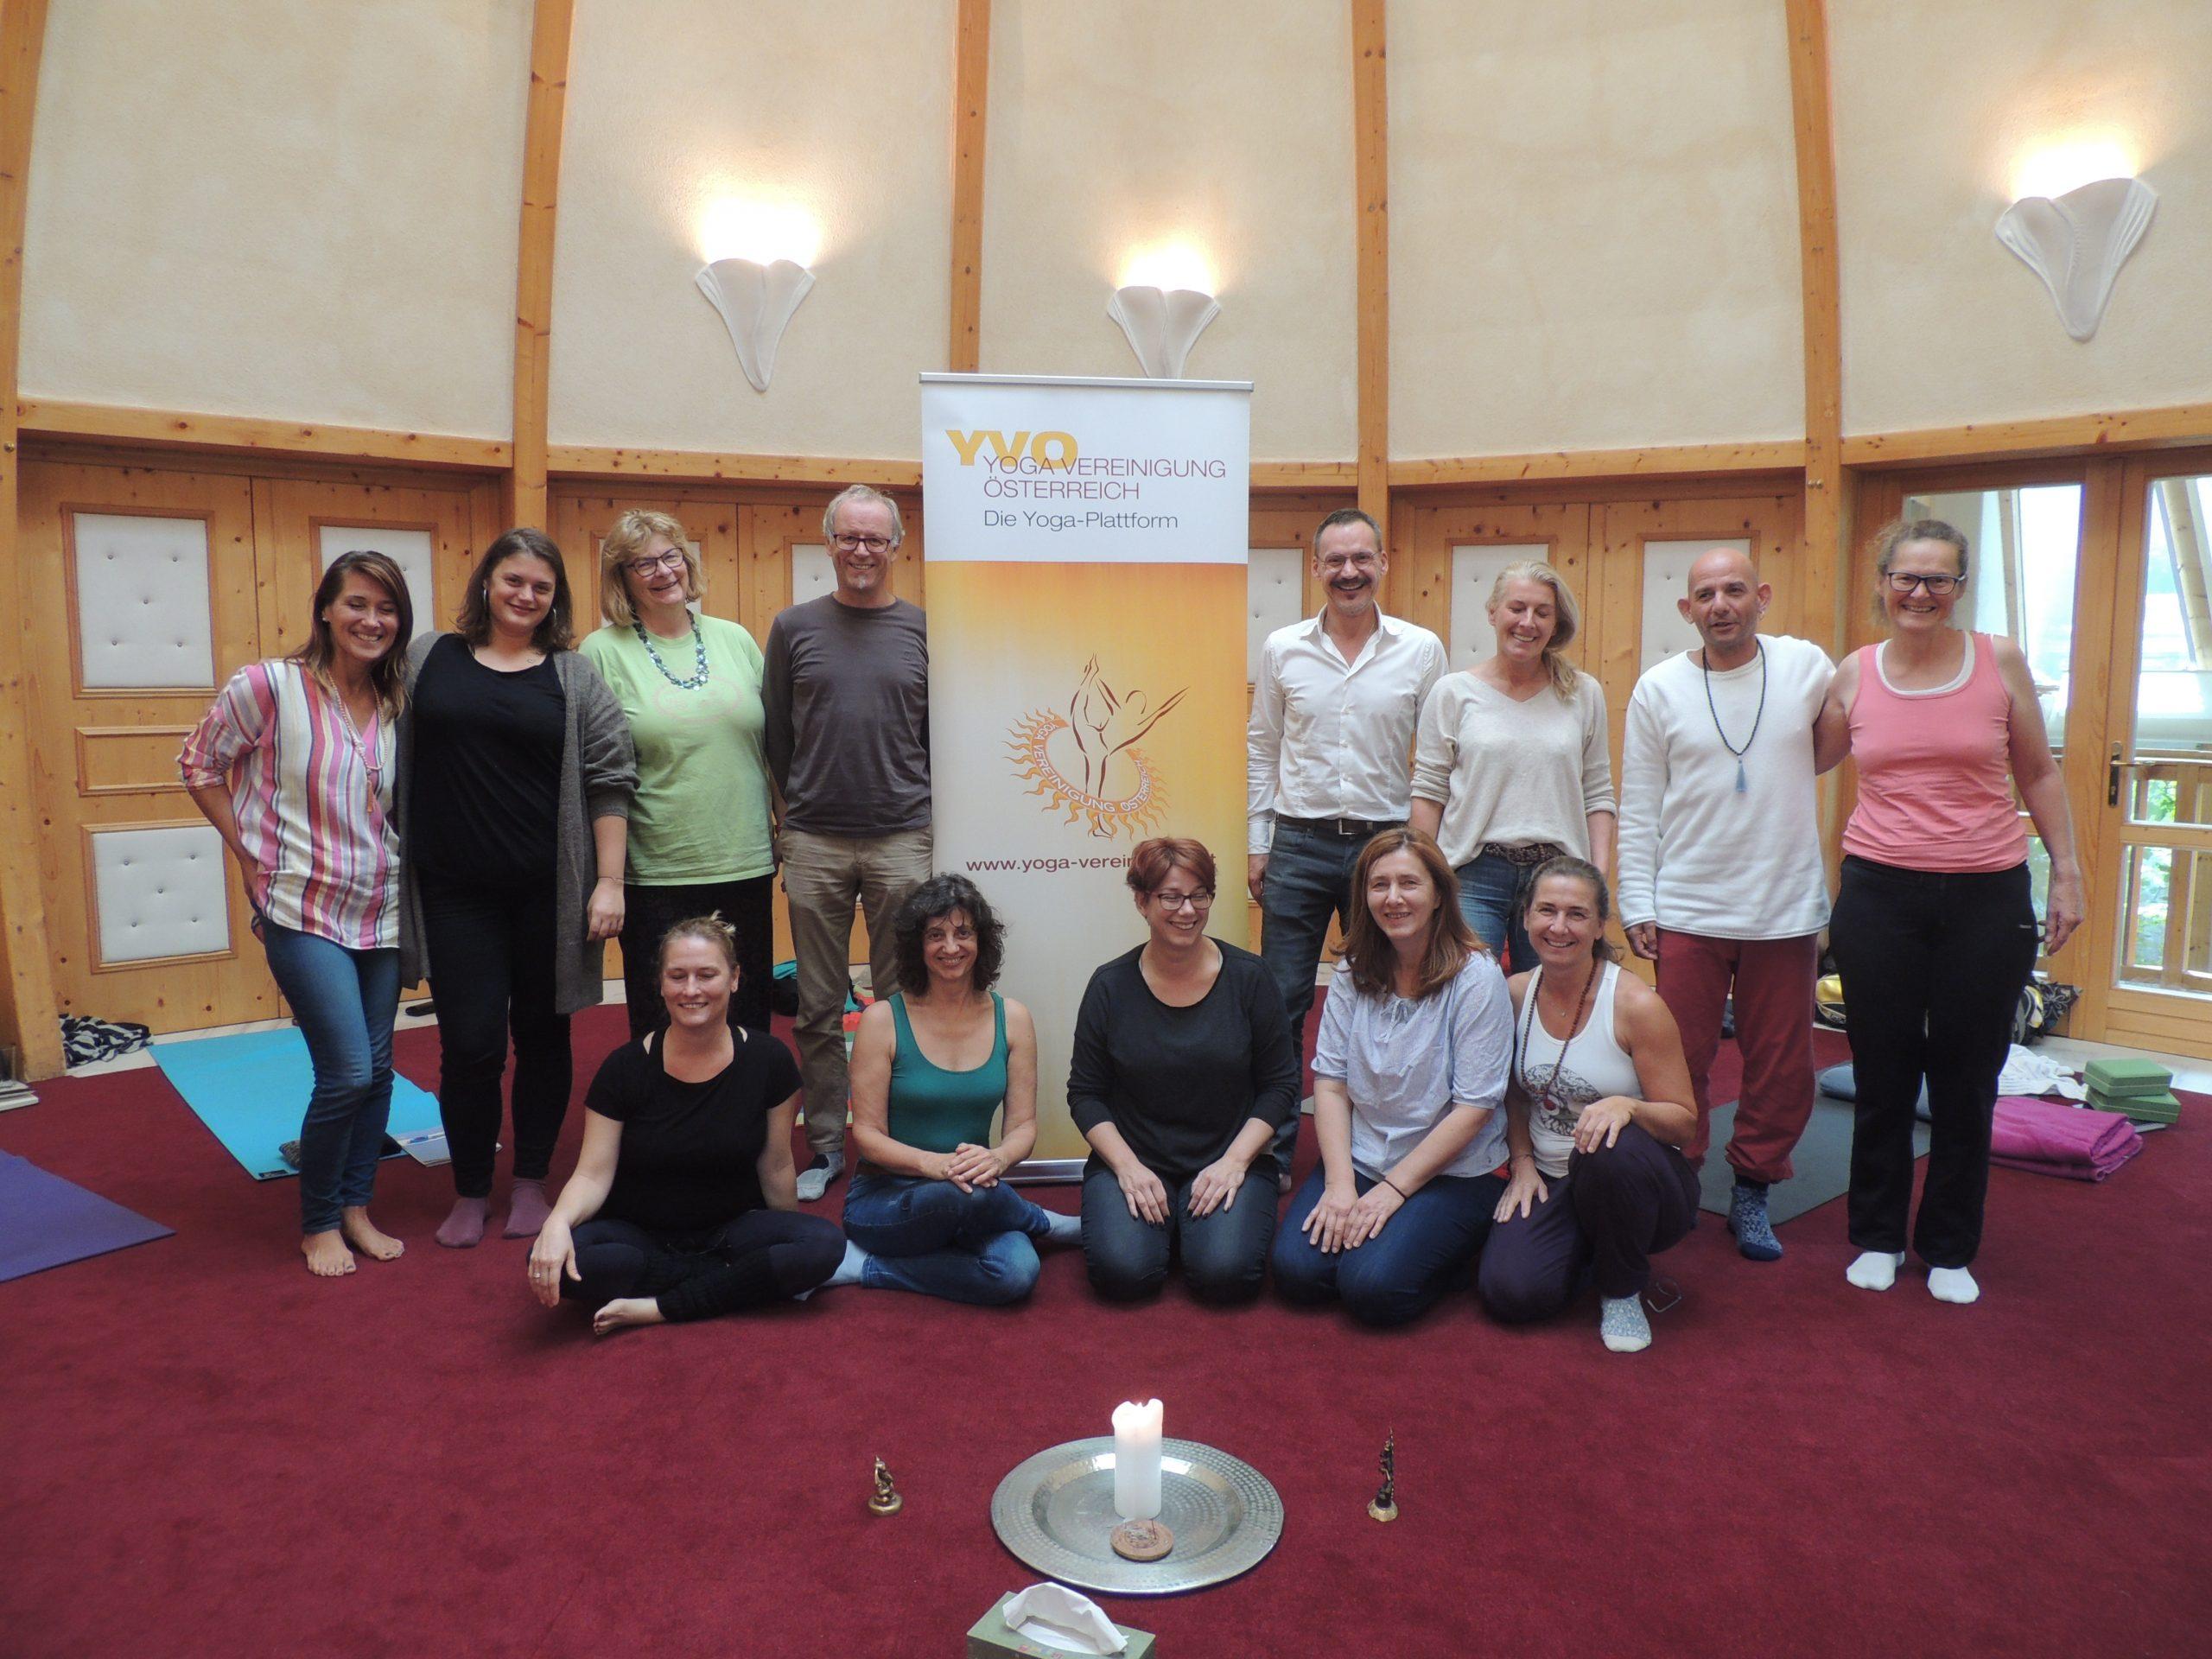 Yoga-LehrerInnen-Gemeinschaft – gibt's das?